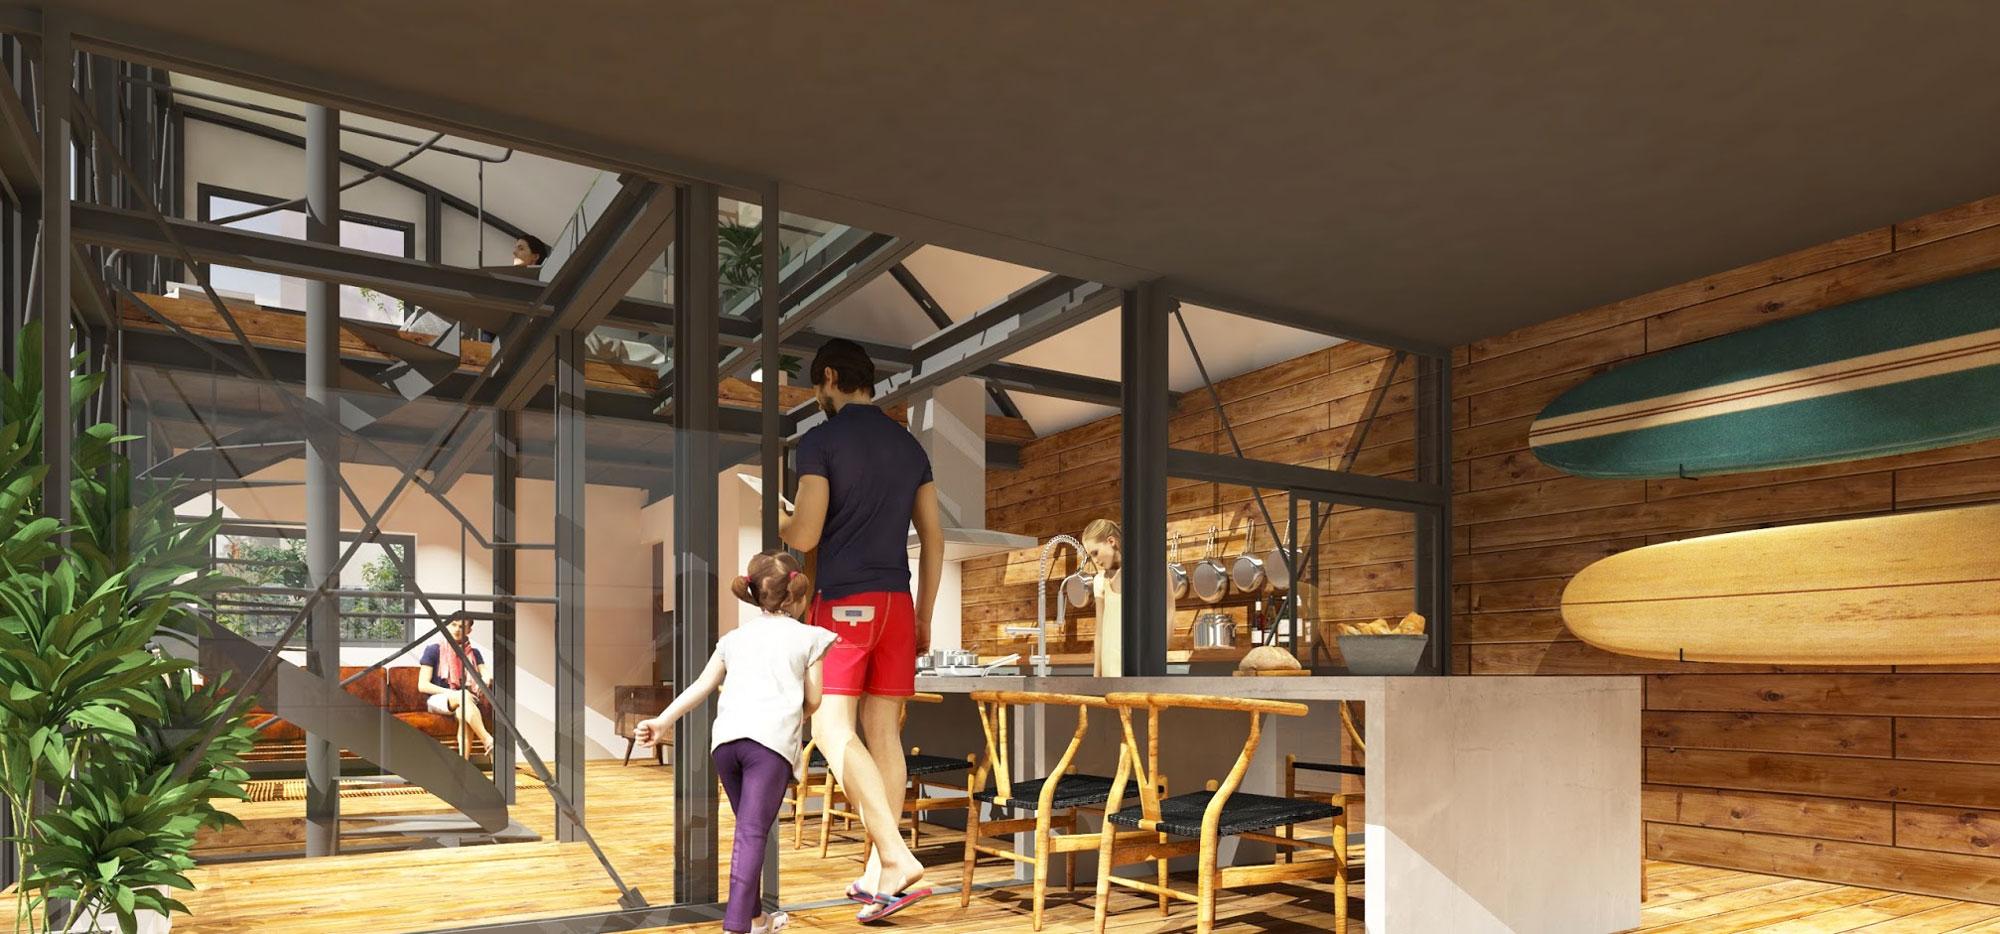 ルーフデッキ空間から室内の吹き抜け空間を望んだアングル。キッチン背面の壁が、外部まで伸びてくるところがミッドセンチュリーデザインの作法。クールな外観にコントラストを添える木質系など、室内には素材感の豊かな材料を使いたいところです。このフロアプランなら雨の日でも食事ができるルーフデッキから、吹き抜けを経由して3階の子供部屋の気配を感じることも出来てしまいます。これこそ一体空間の魅力です。